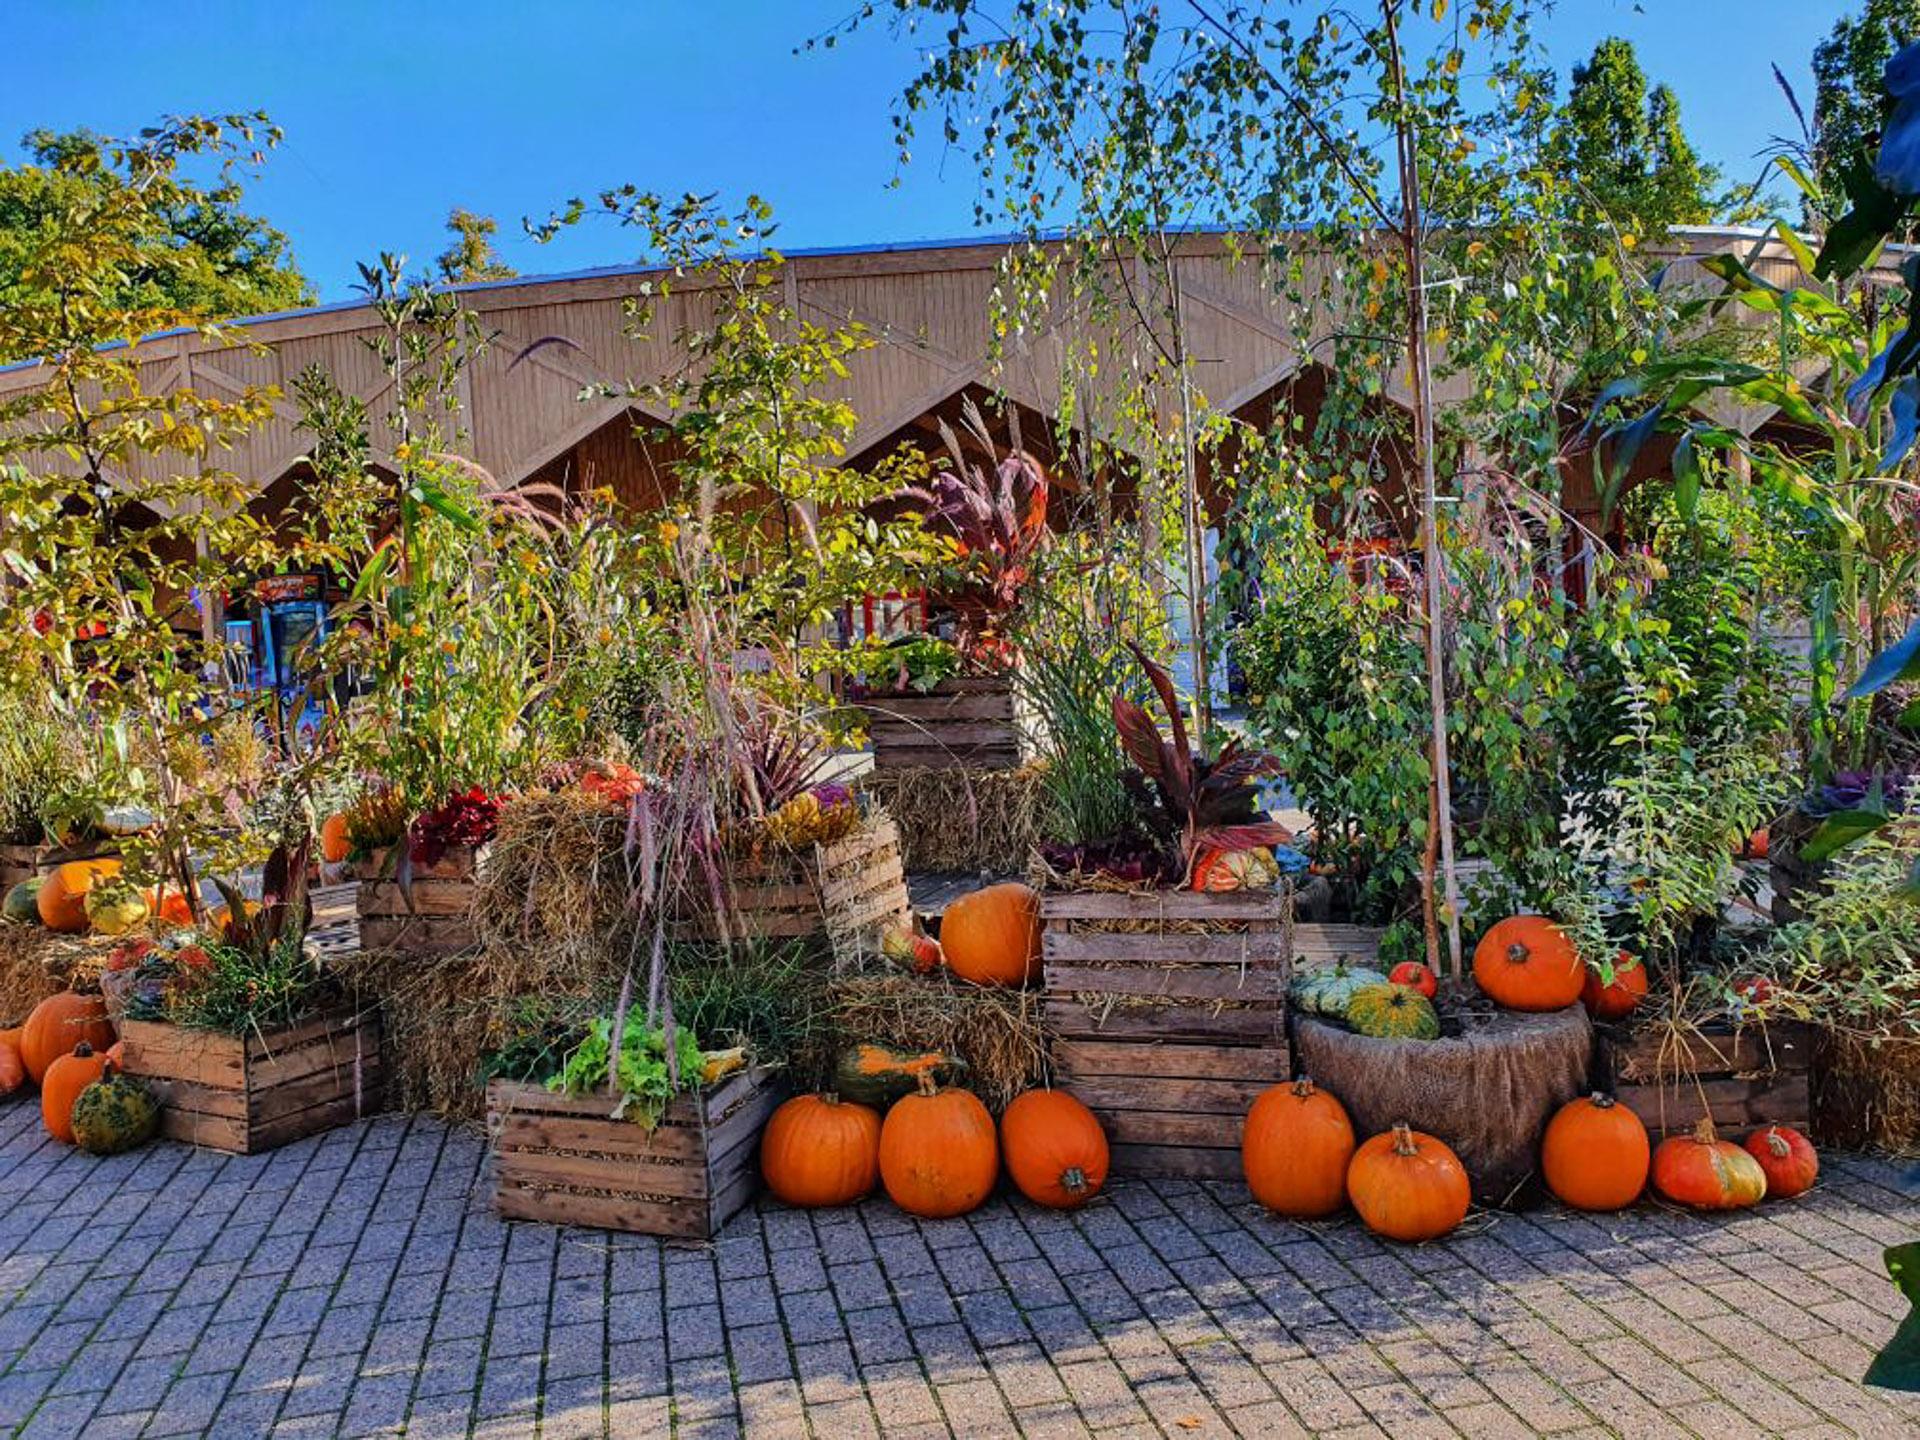 Halloween i Friheden: Græskar og hygge i den smukke gamle have